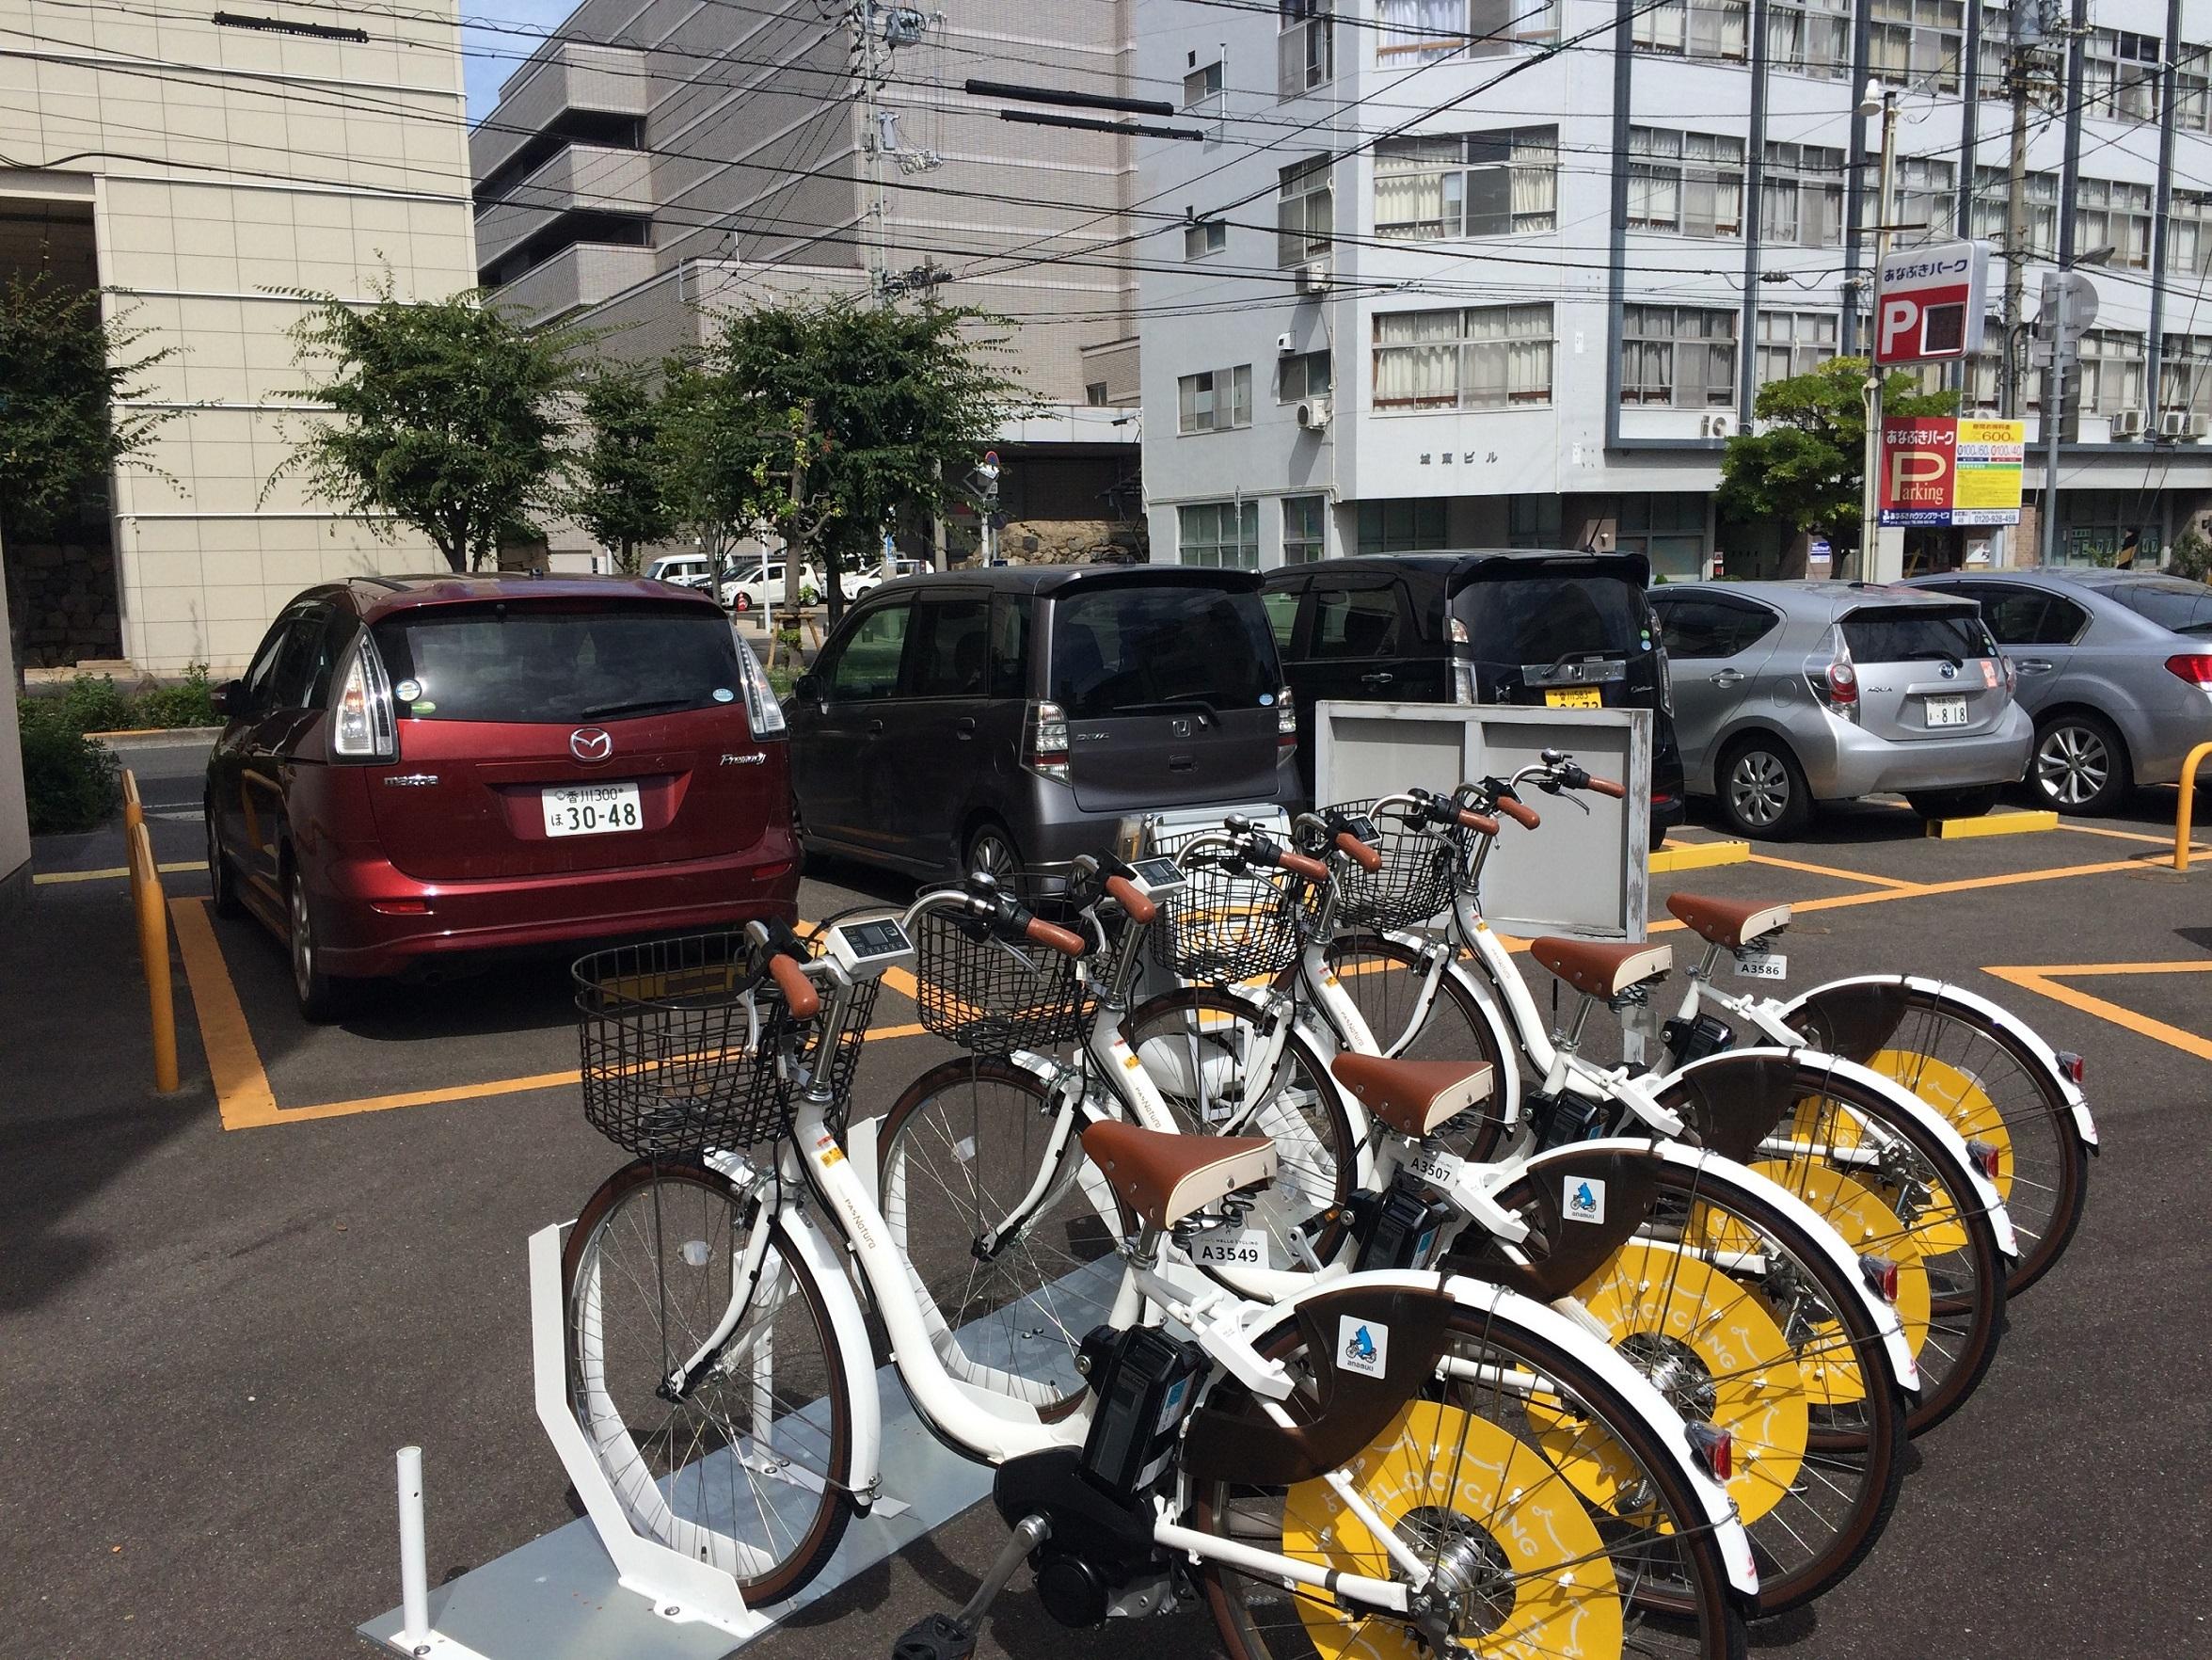 香川県立ミュージアム前(あなぶき本町第2パーキング) (HELLO CYCLING ポート) image